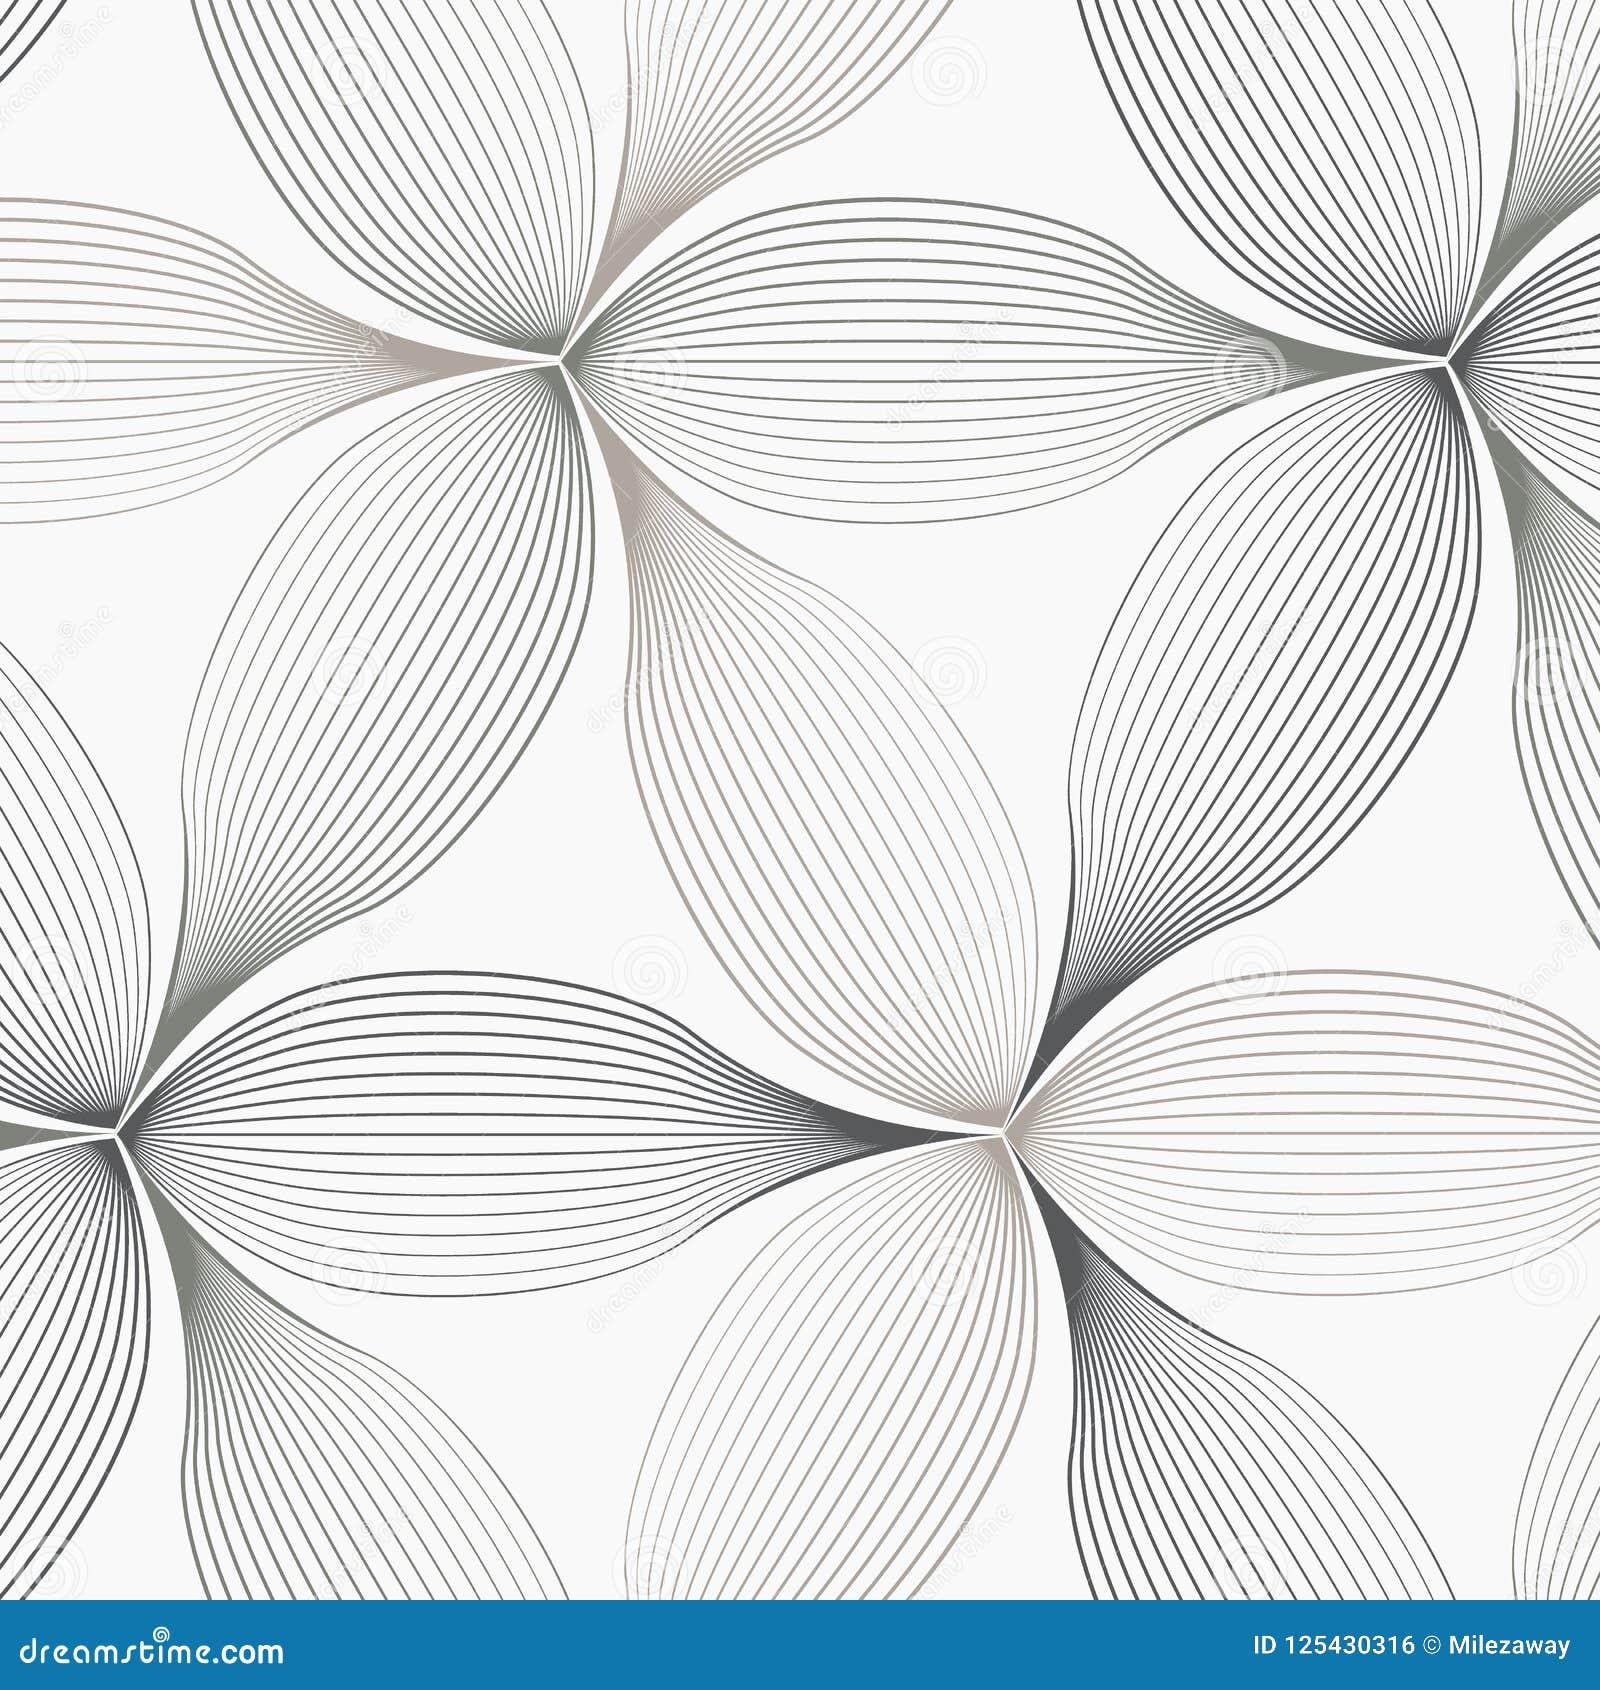 Linjär vektormodell som upprepar abstrakt begrepp ett linjärt blad varje som cirklar på sexhörningsform